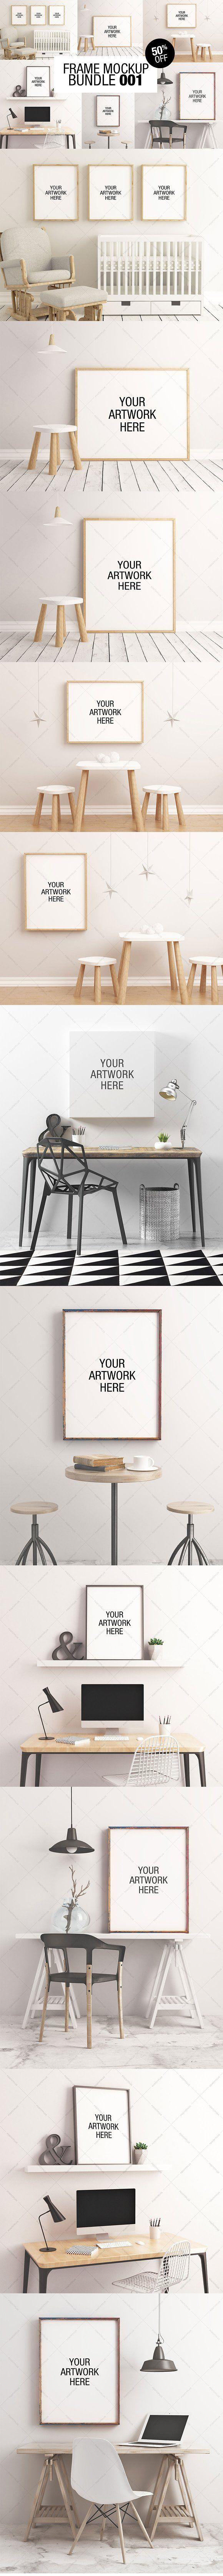 Frame Mockup Bundle 001 - 50% OFF by positvtplus on @creativemarket